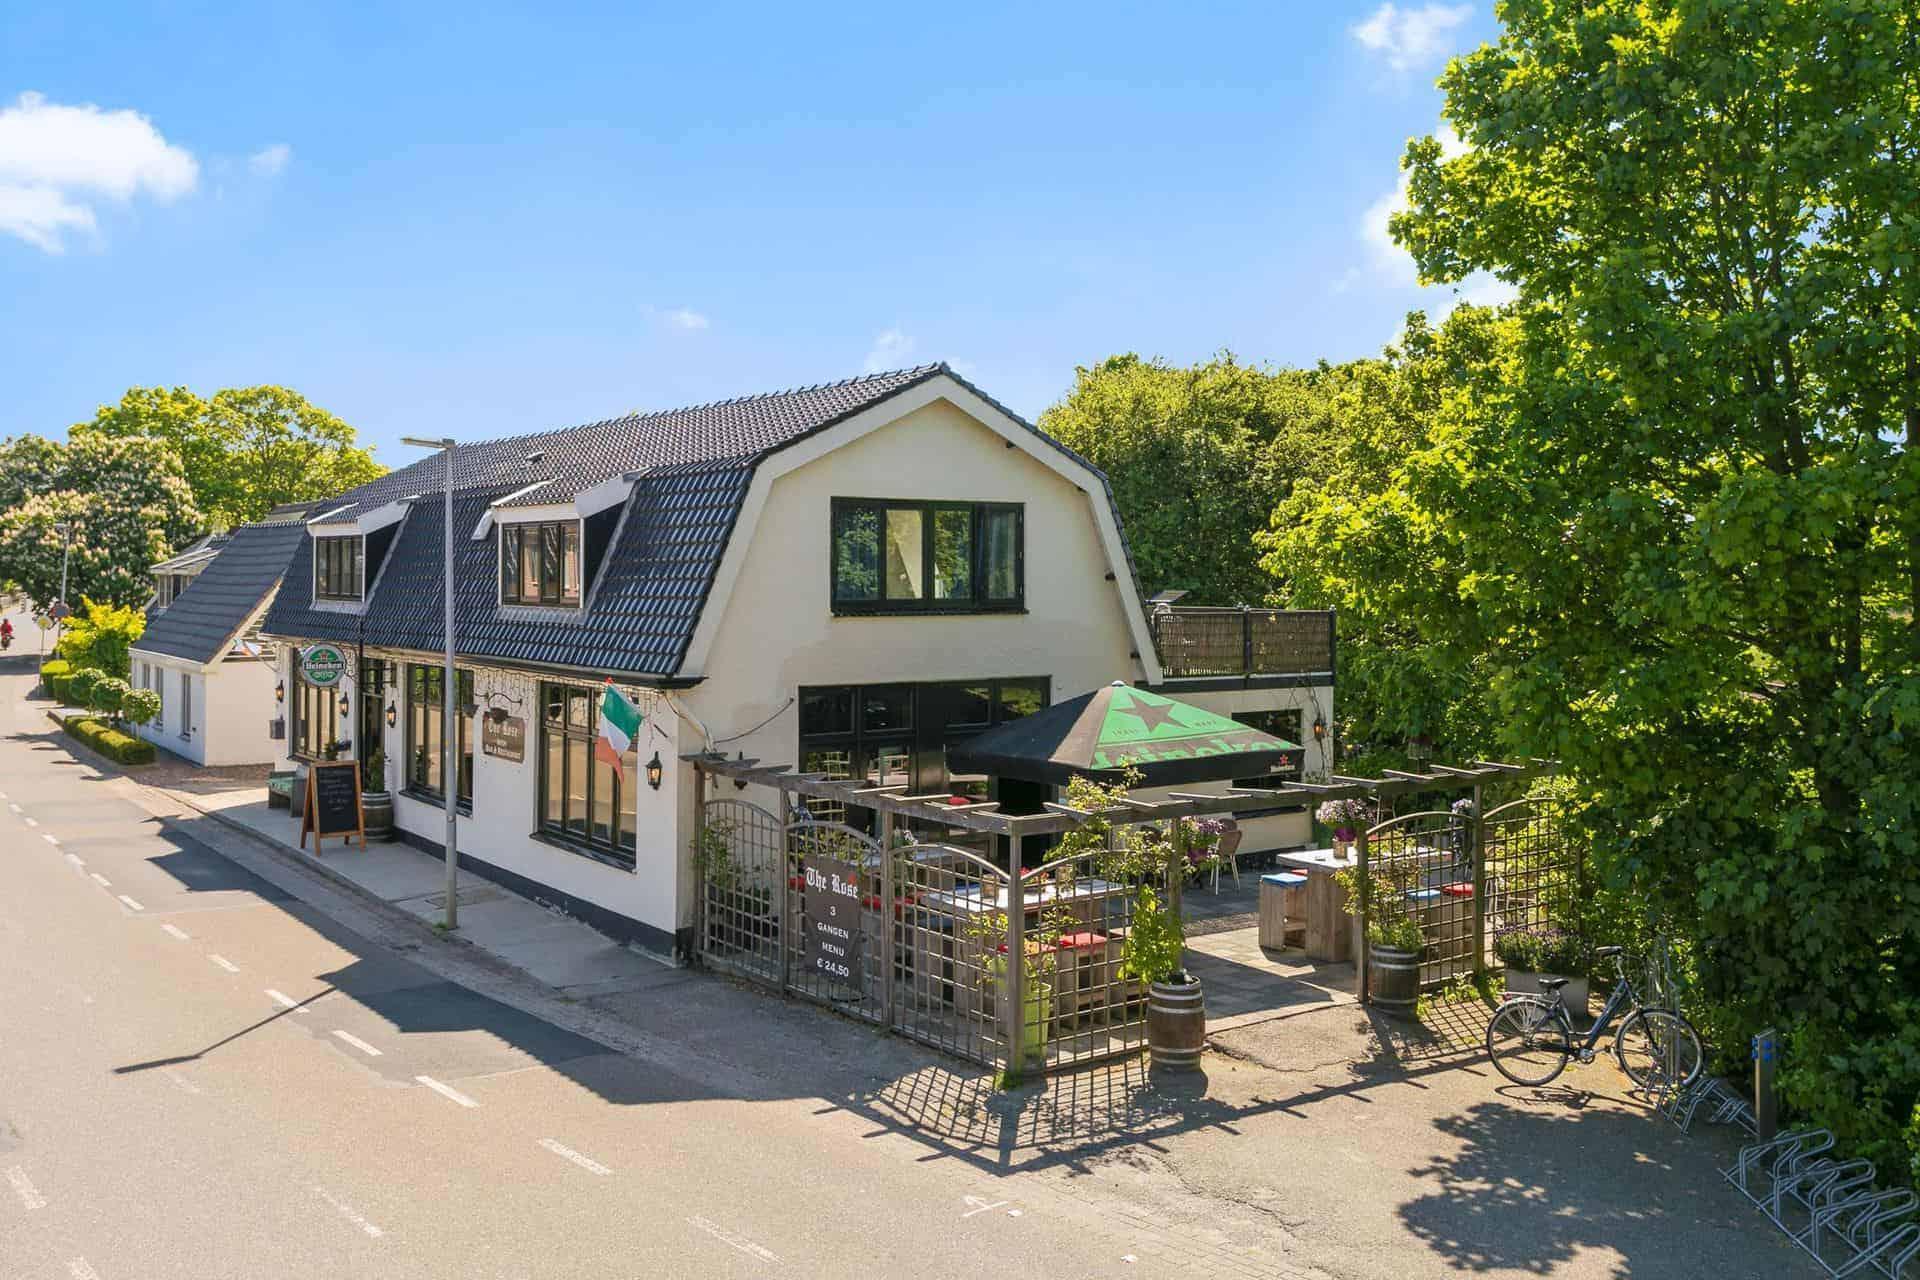 Café-restaurant met terras en bovenwoning in Alkmaar